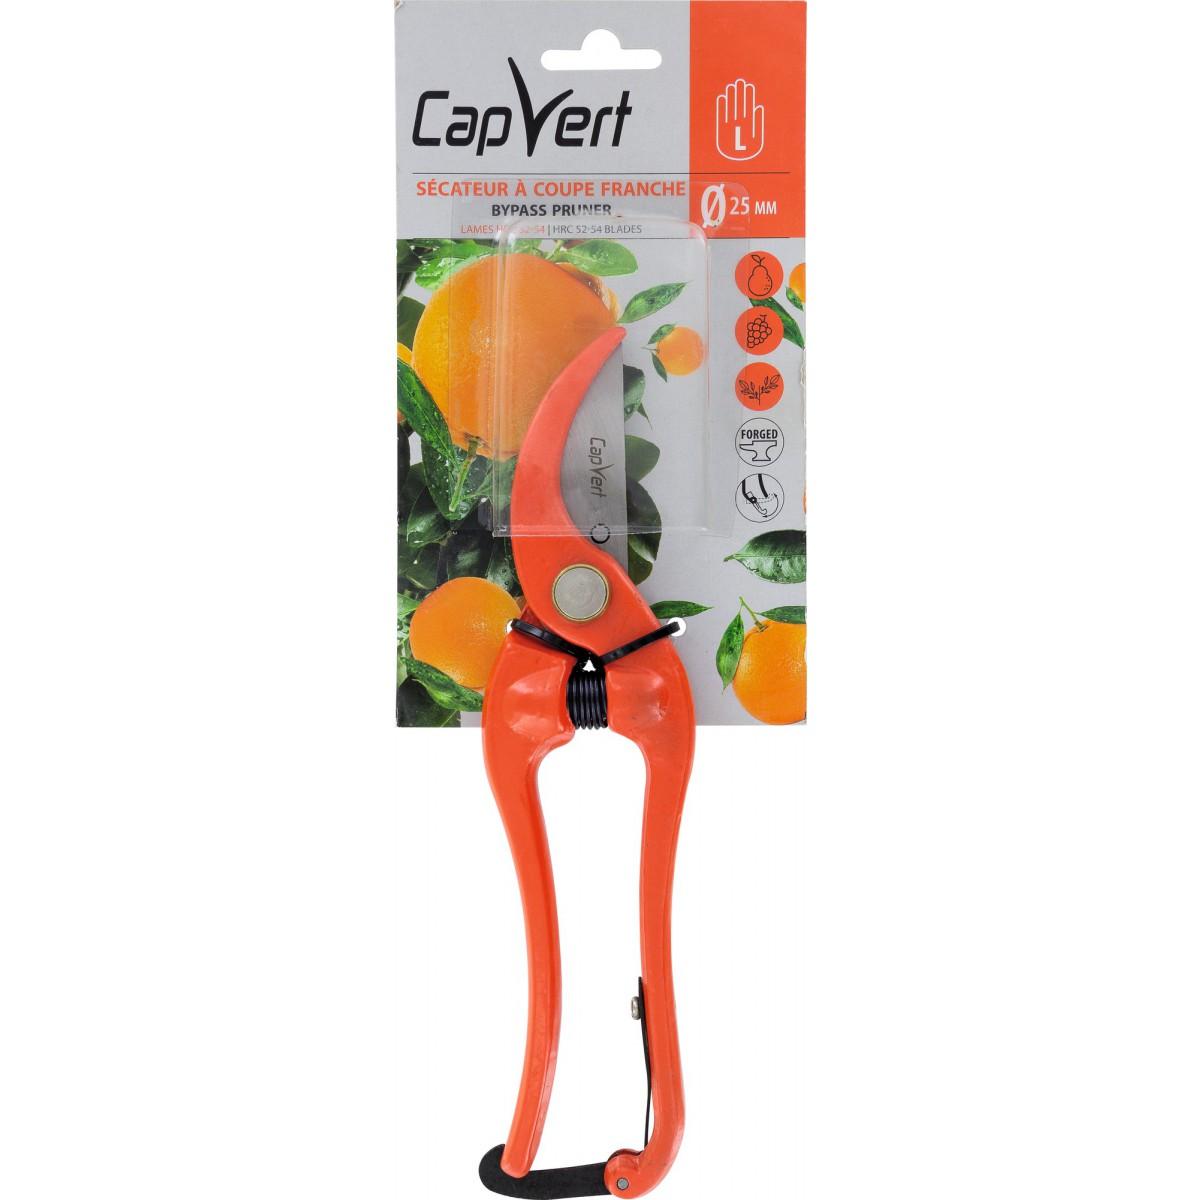 Sécateur traditionnel tout forgé Cap Vert - Longueur 23 cm